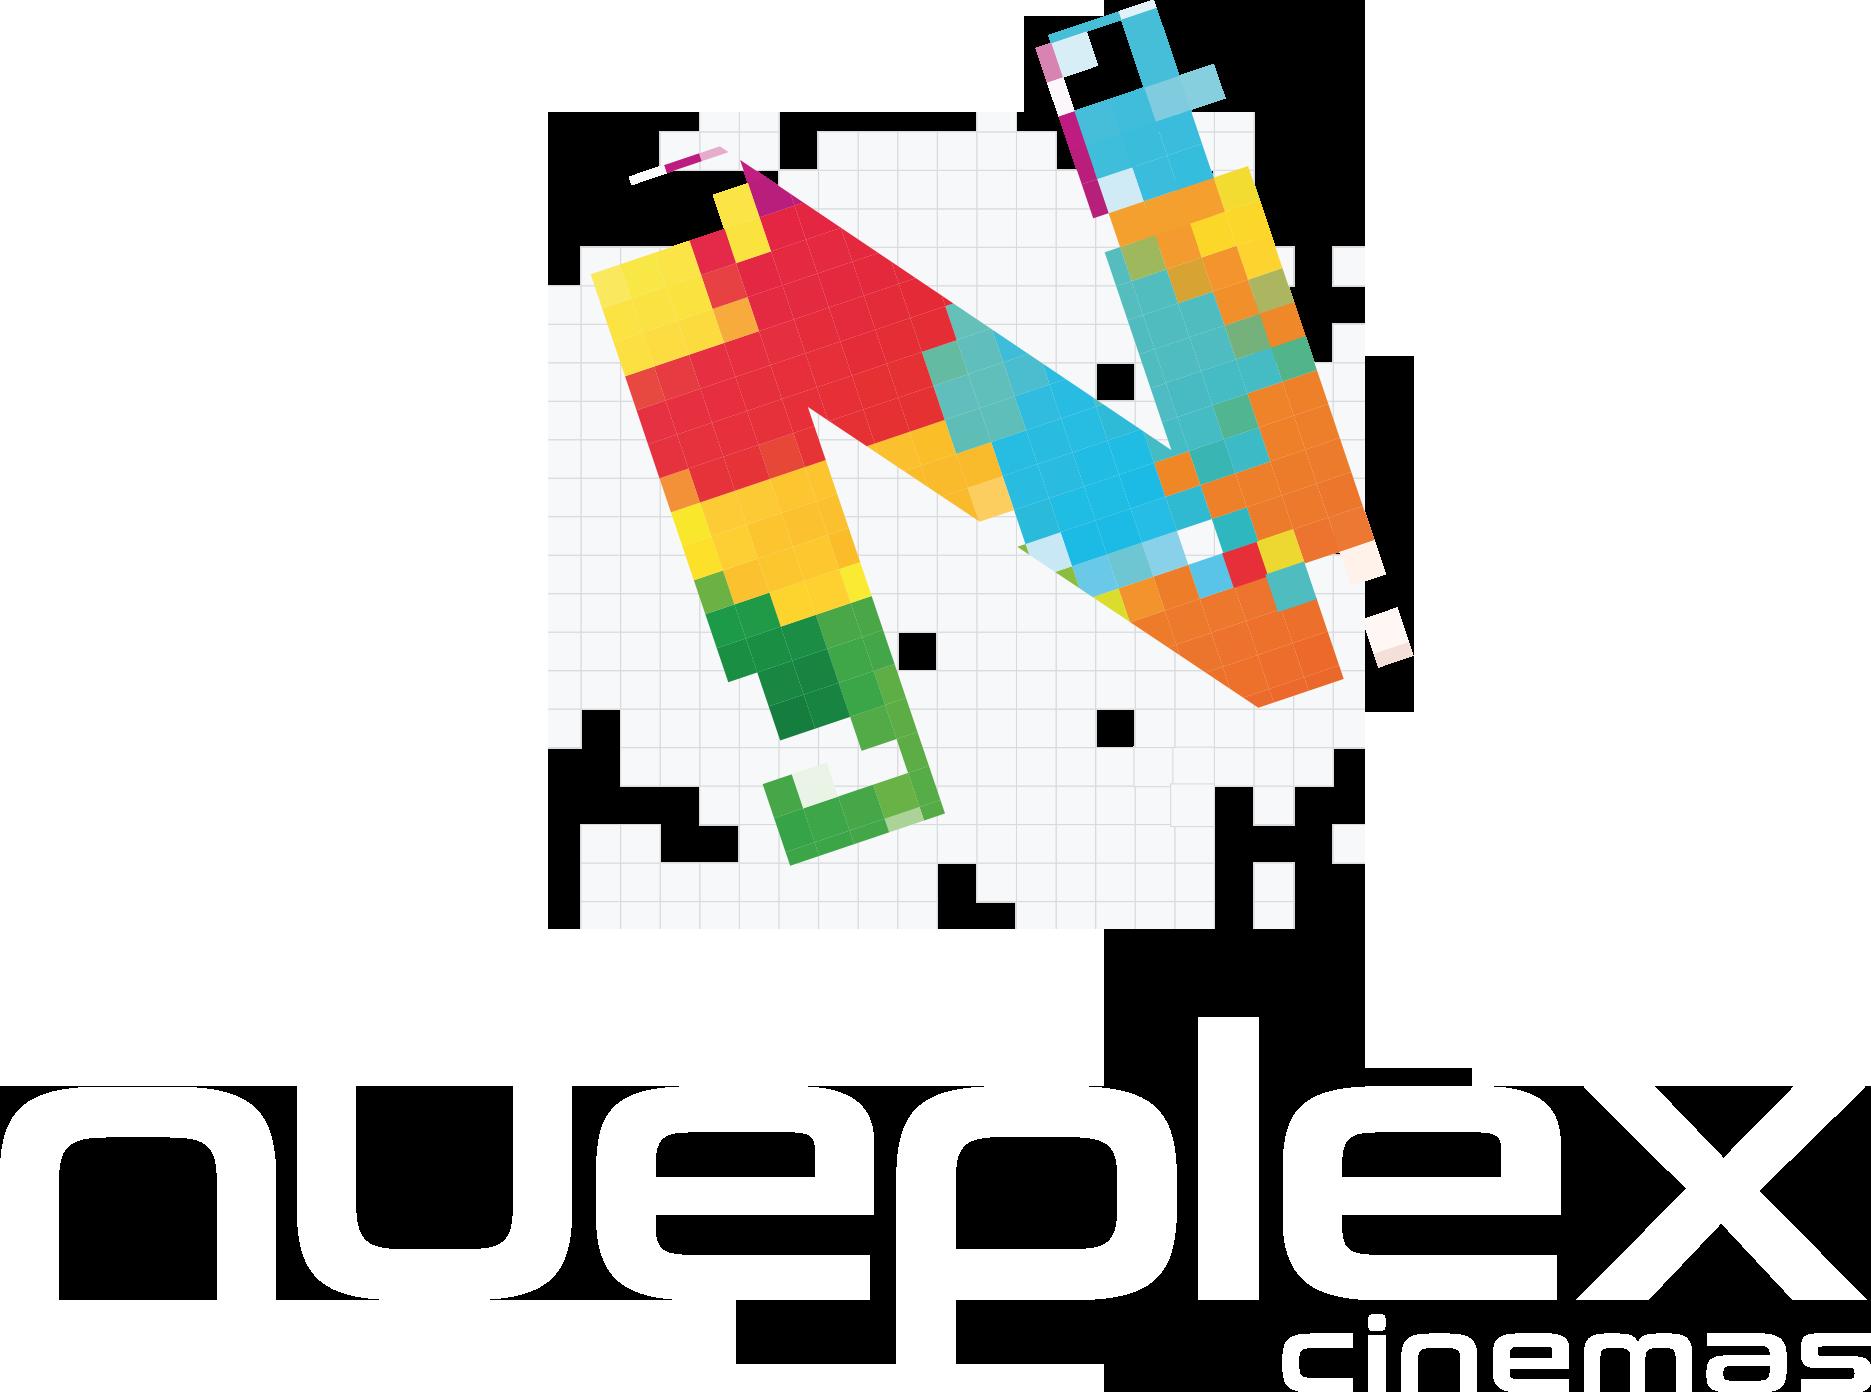 Nueplex